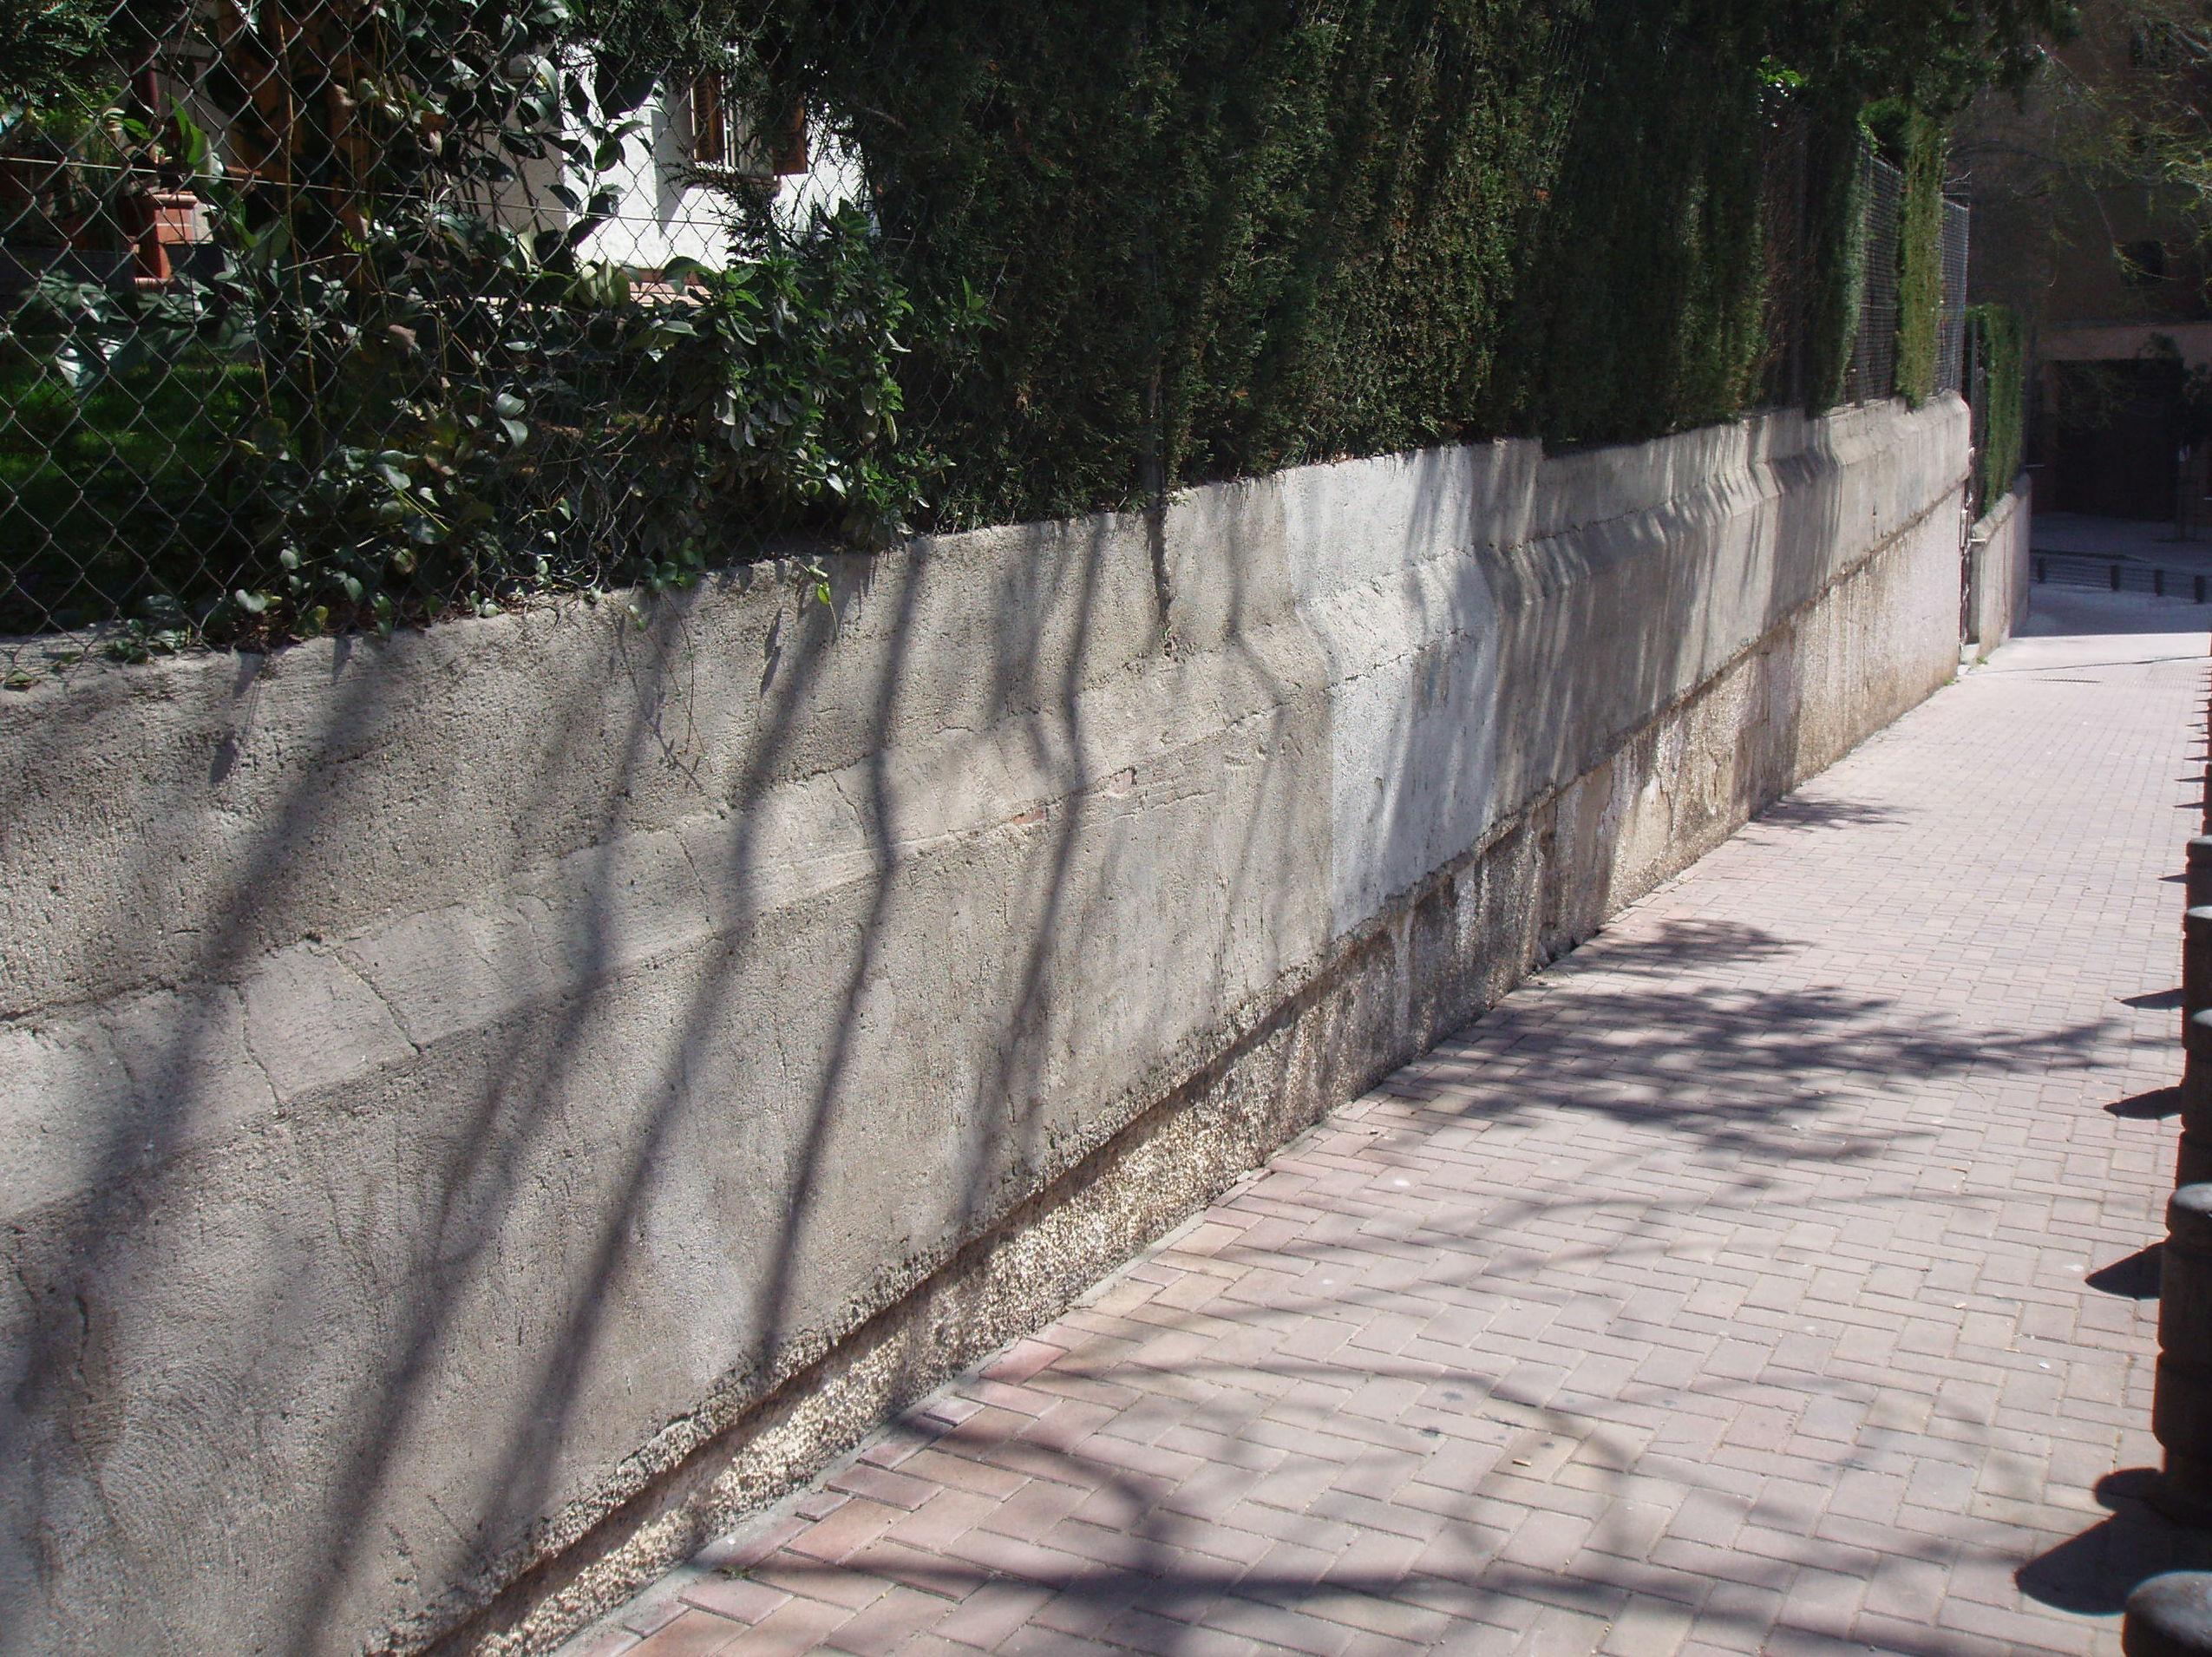 Rehabilitación muro cerramiento. Estado anterior